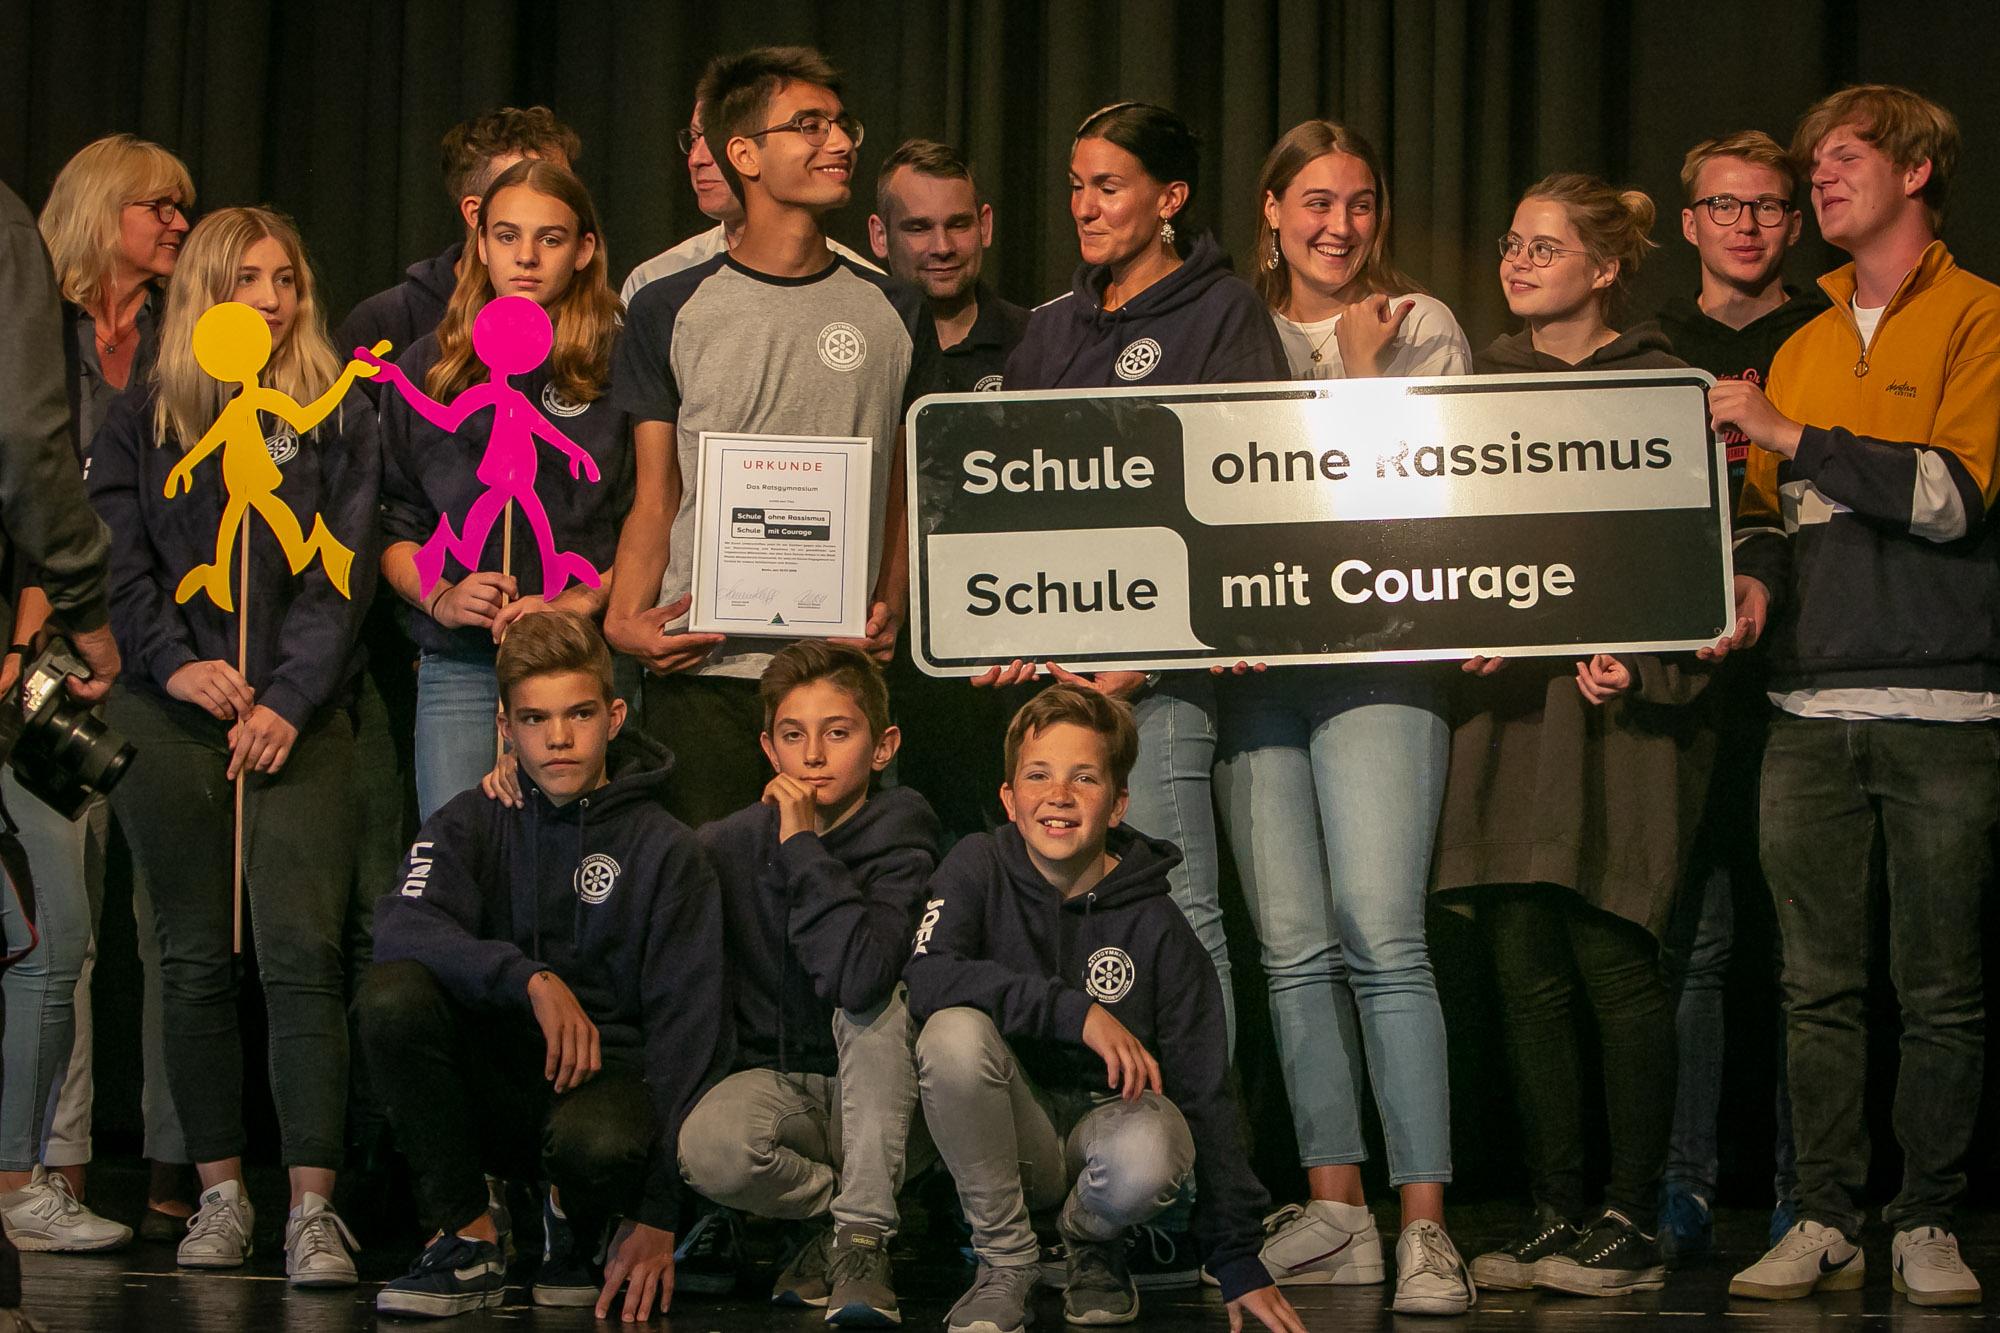 Ratsgymnasium Rheda Wiedenbrück Schule ohne Rassismus, Schule mit Courage